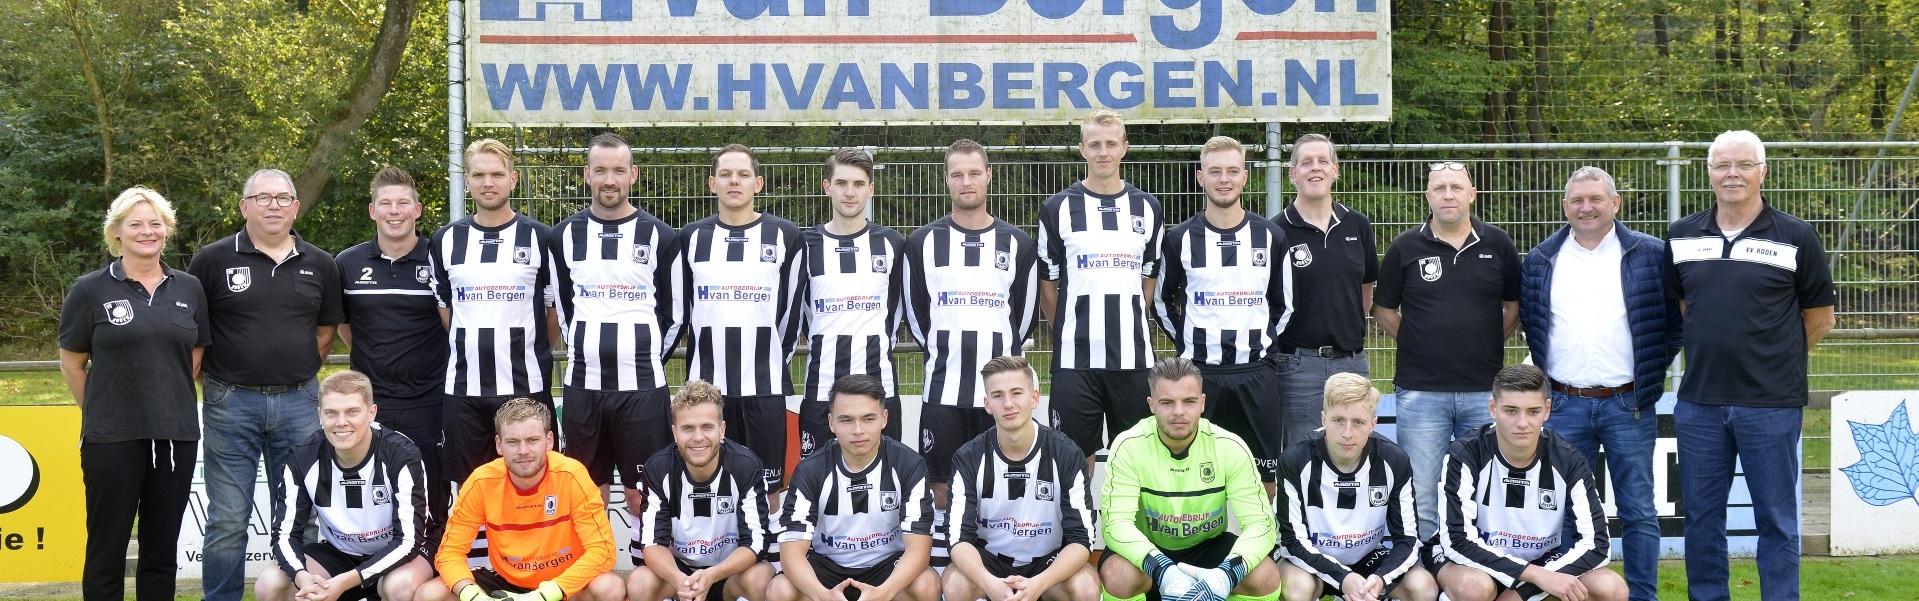 uitslag voetbal nederlands elftal